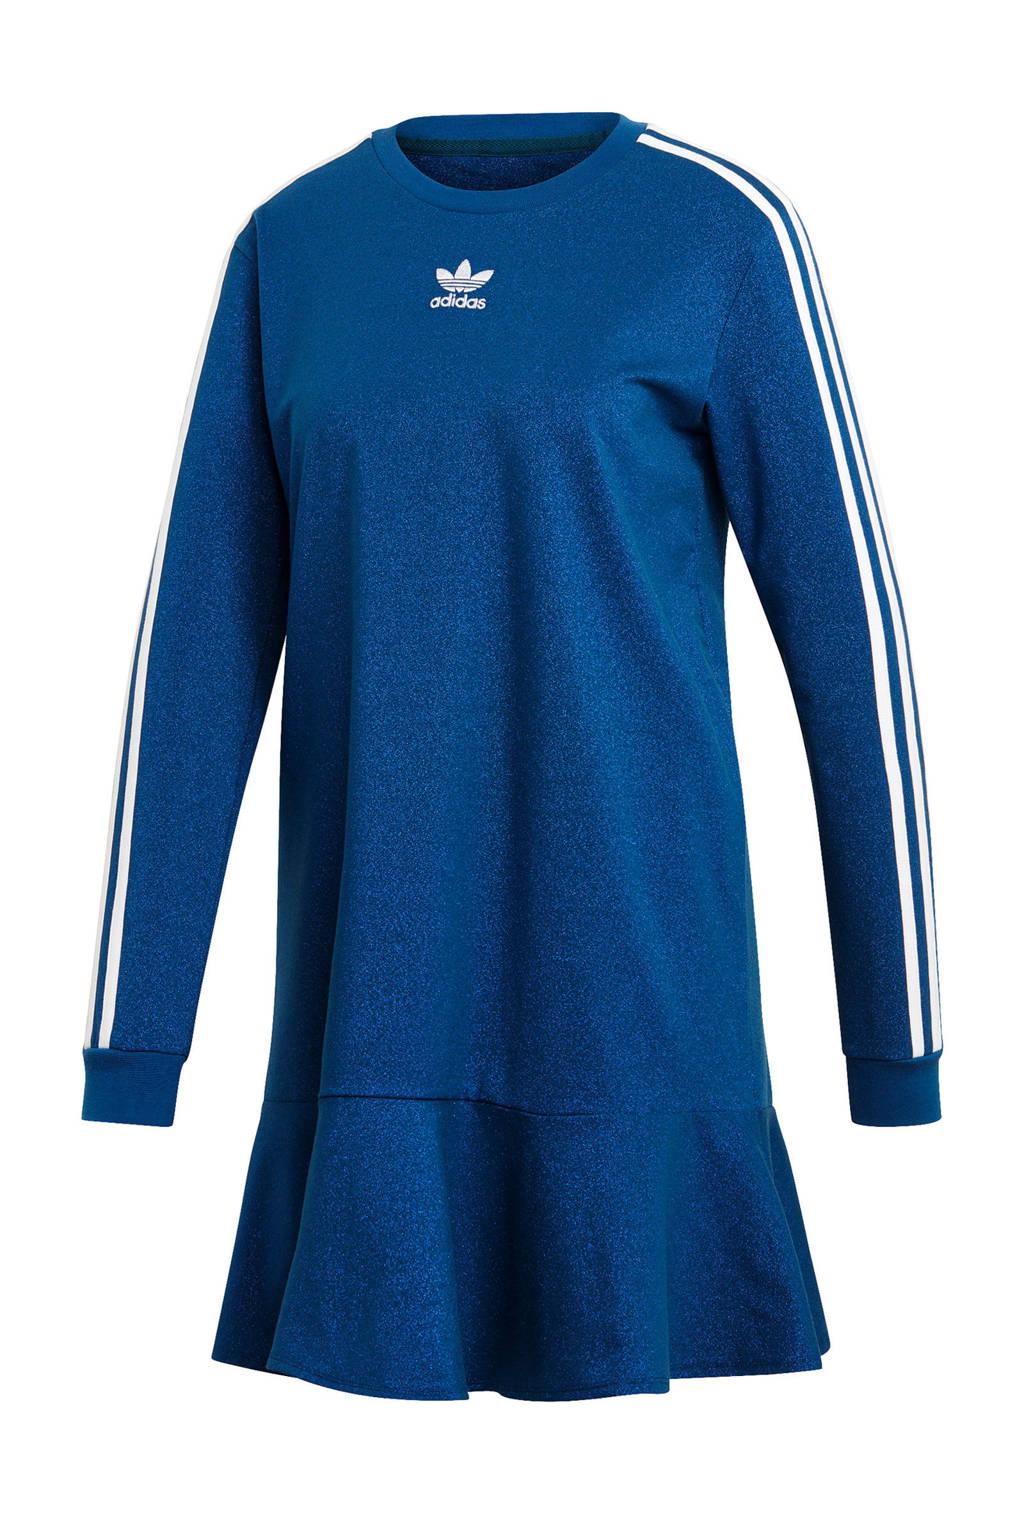 adidas originals jurk, Blauw/wit